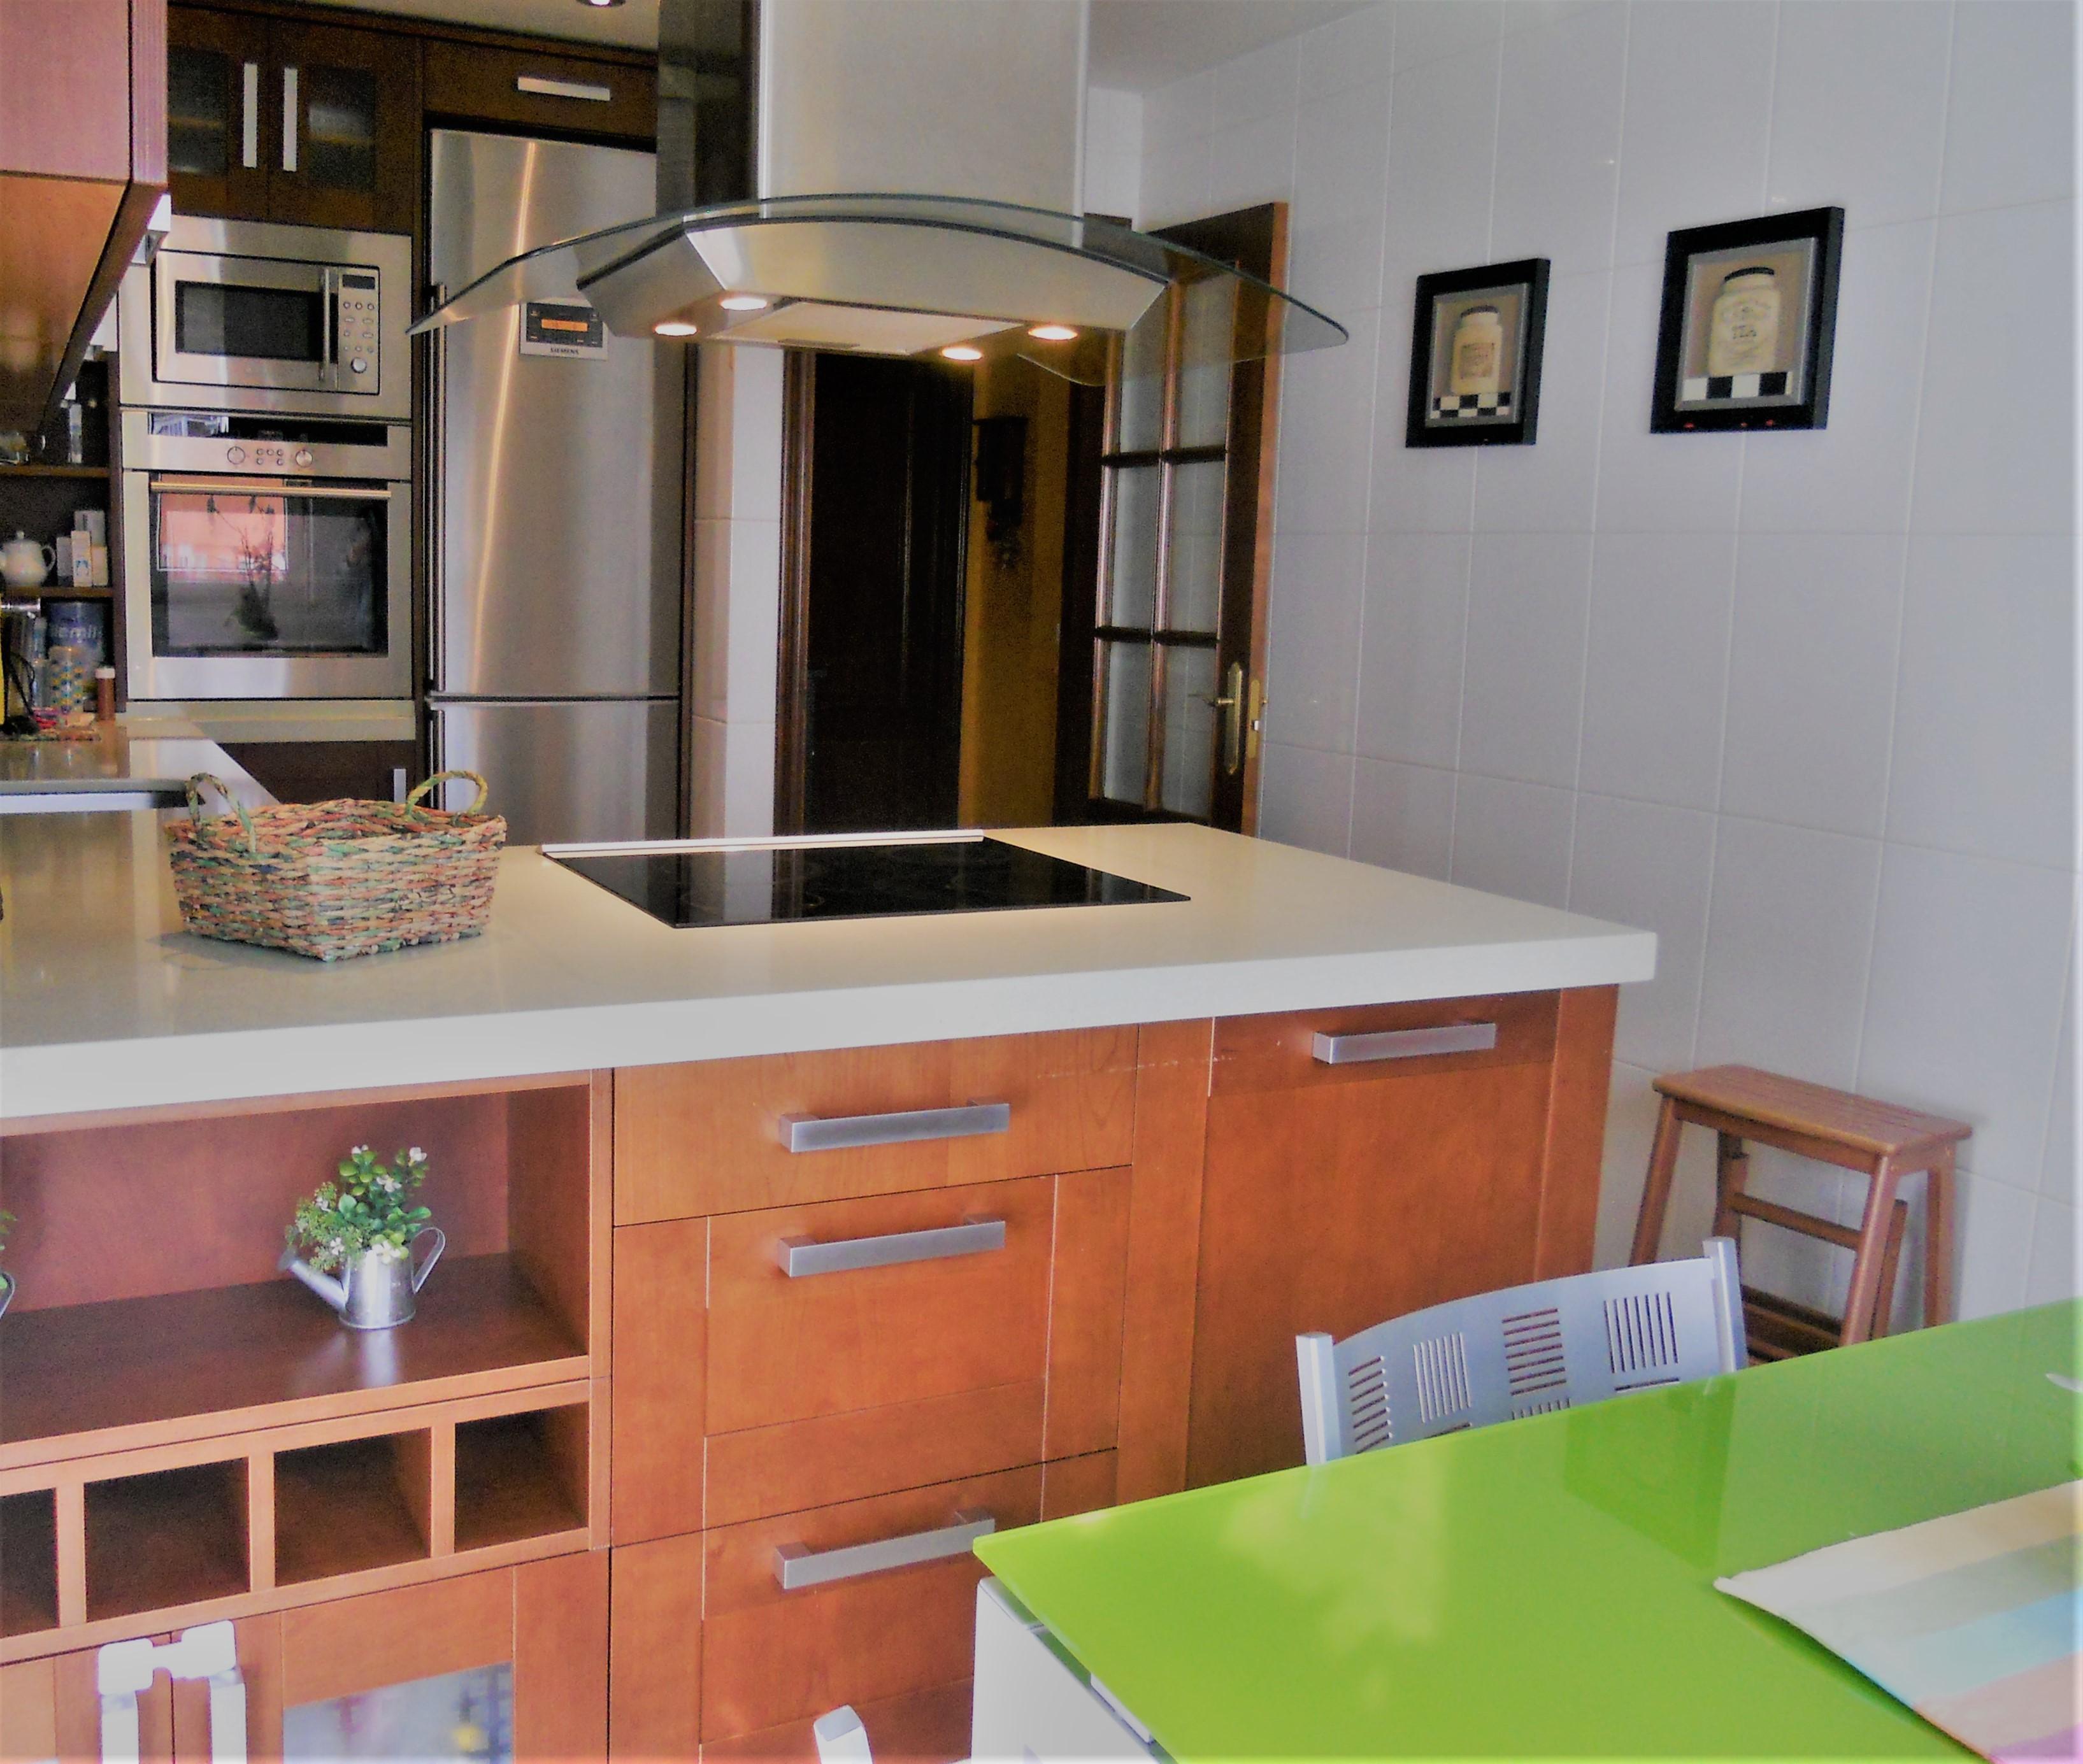 Cocina 2 la mejor inmobiliaria en galicia lugo coru a ourense pontevedra - Cocinas ourense ...